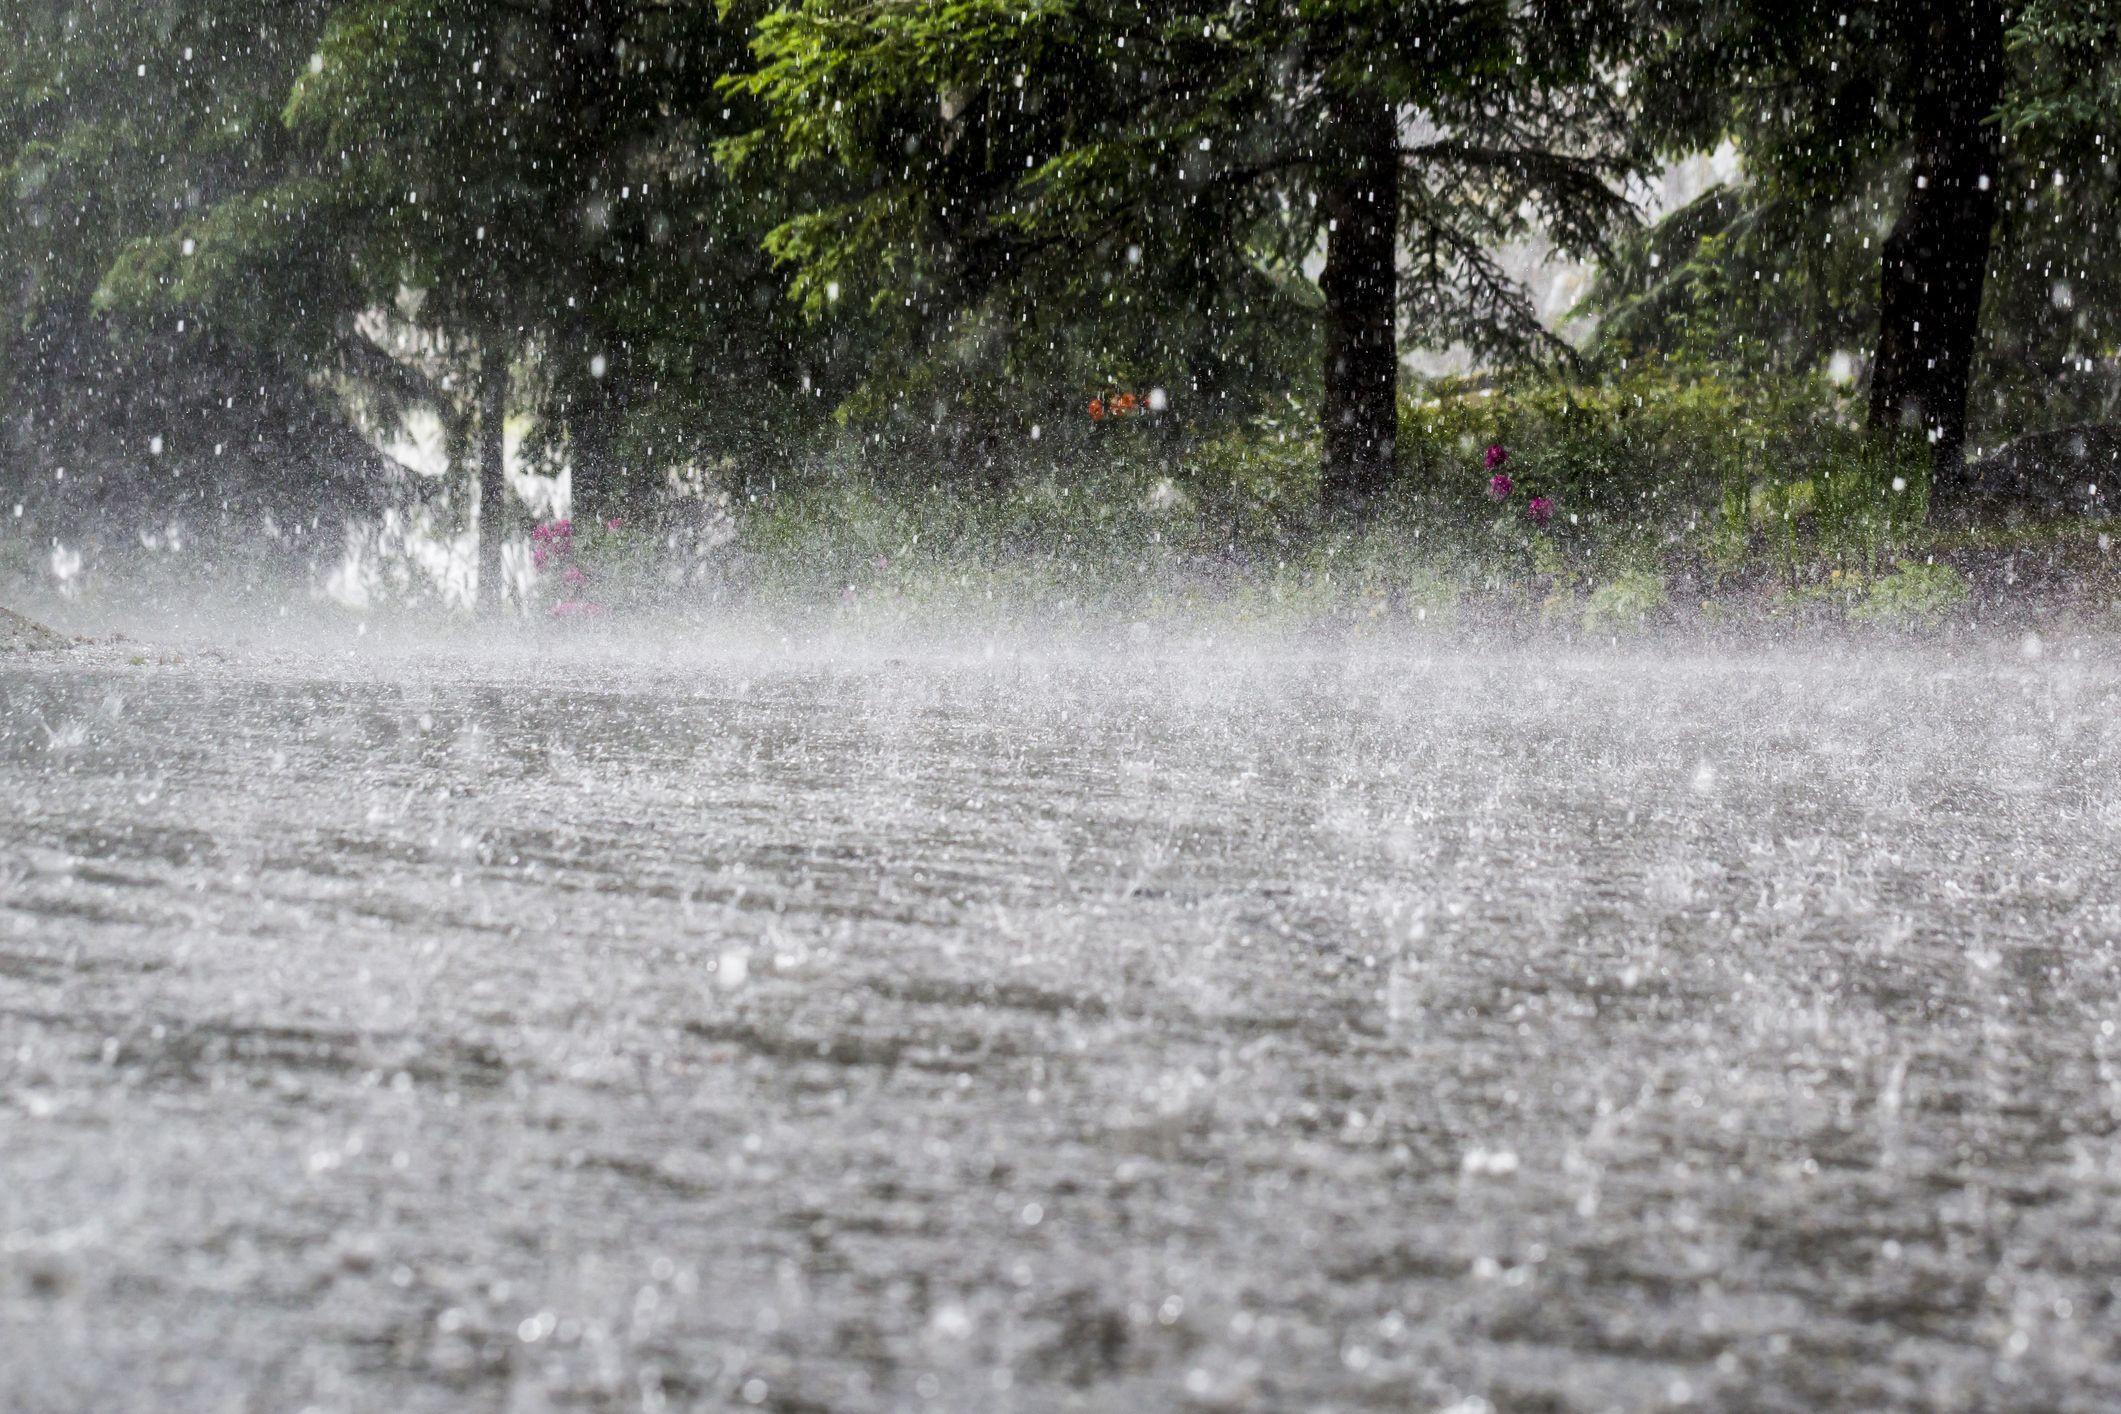 Quinze distritos sob aviso amarelo devido à chuva e vento forte